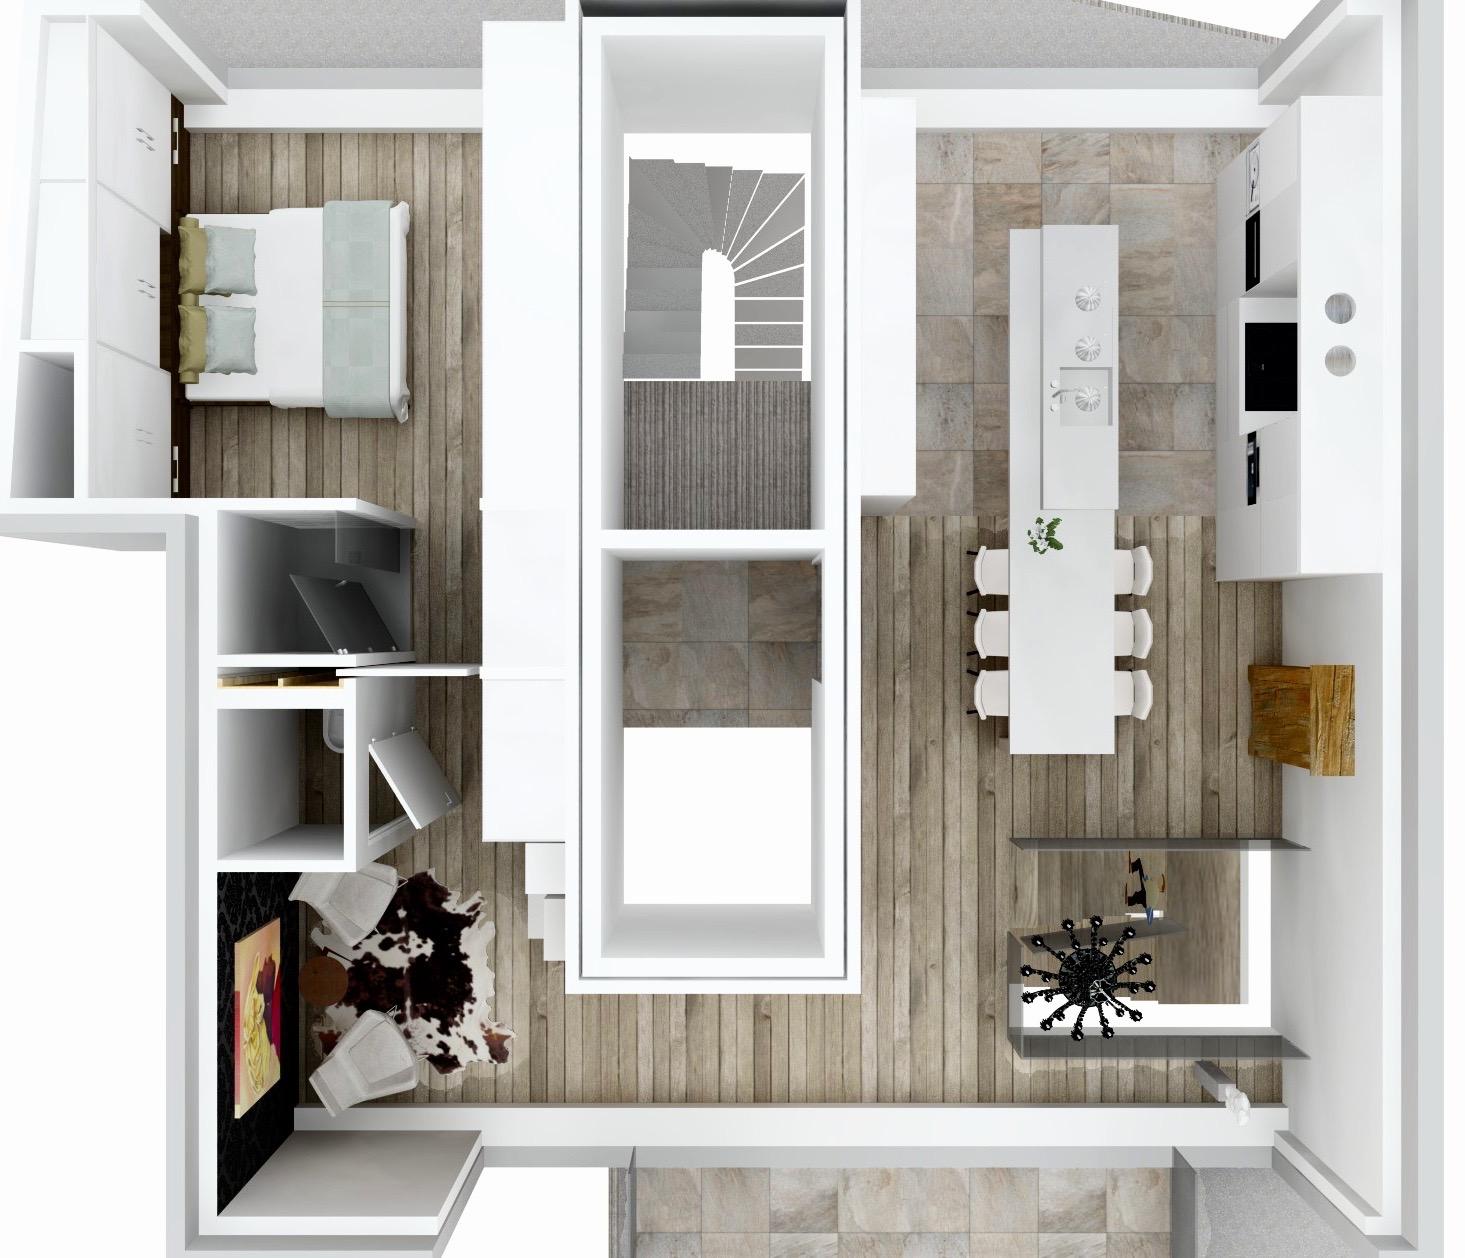 10 - ontwerp met meubelen 2016-02-16 09272300000 (1)